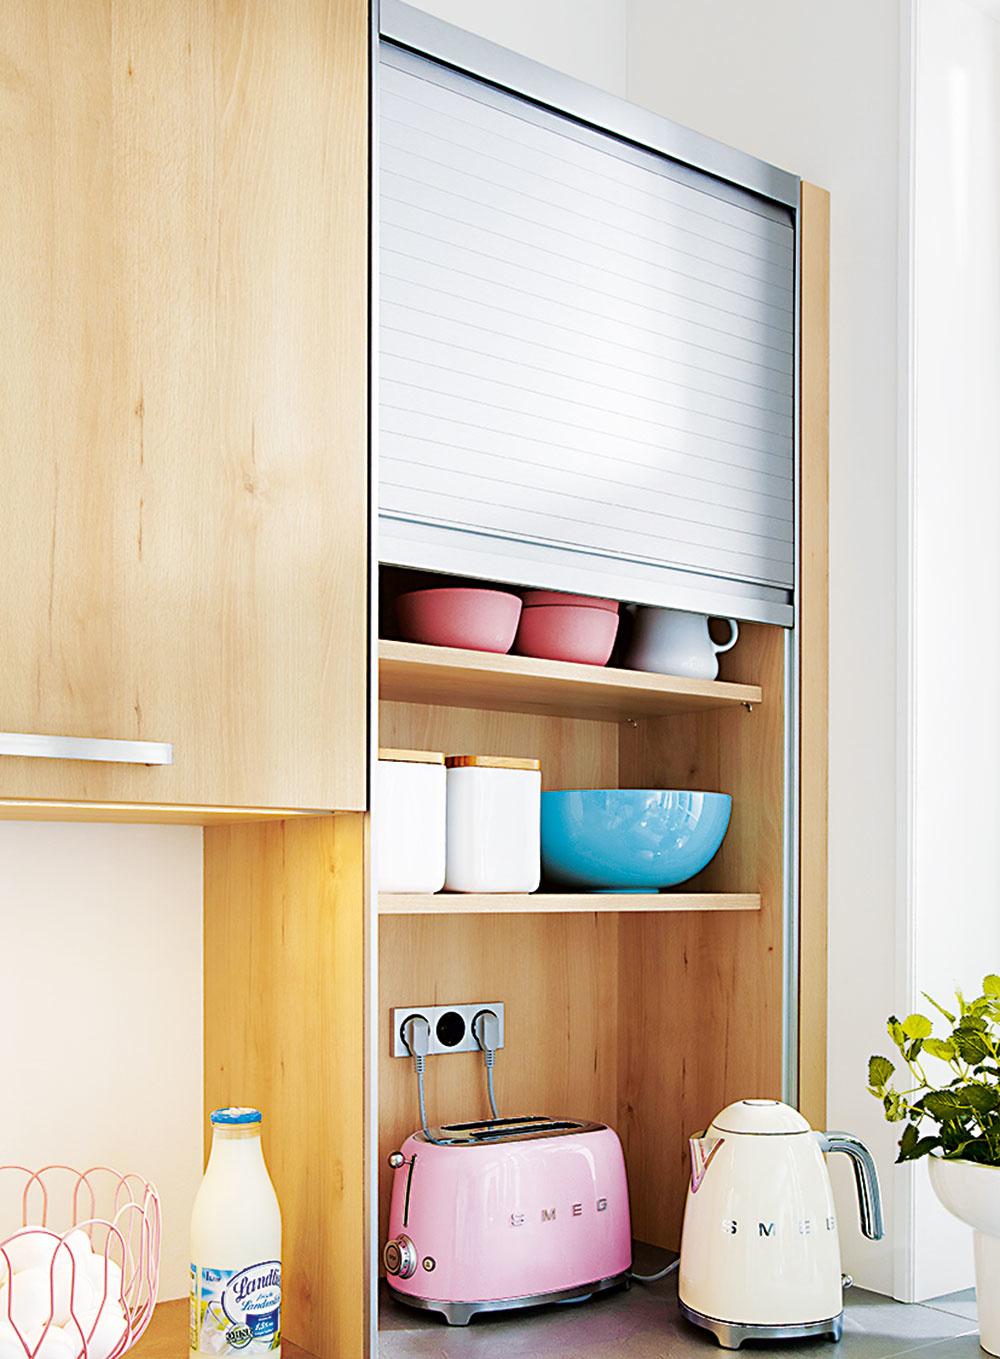 Šikovným riešením nielen do minimalistickej kuchyne môžu byť police sroletkou. Ak za ňu ukryjete menšie spotrebiče (aj sprívodom energie), budete ich mať neustále poruke akuchyňa bude pôsobiť opticky čisto. Viac na www.schueller.de.